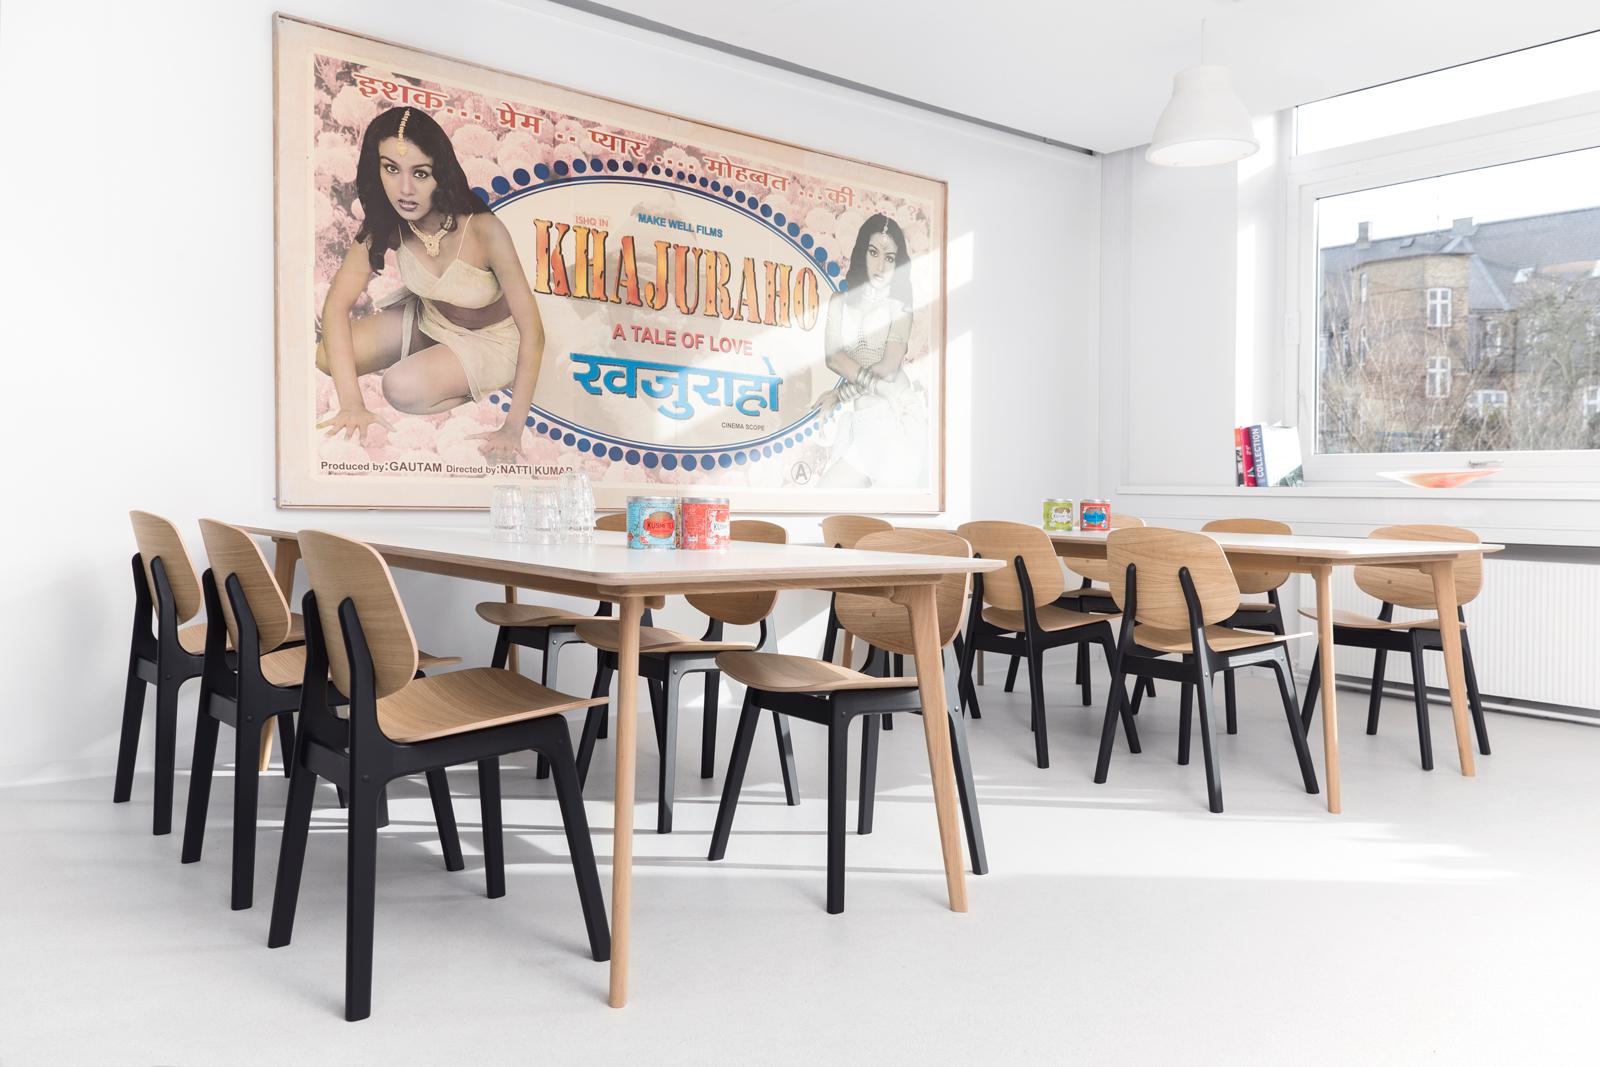 True_North_Designs_Pandora_Chair_Staff_Restaurant_Design_Carsten_Buhl_01.jpg